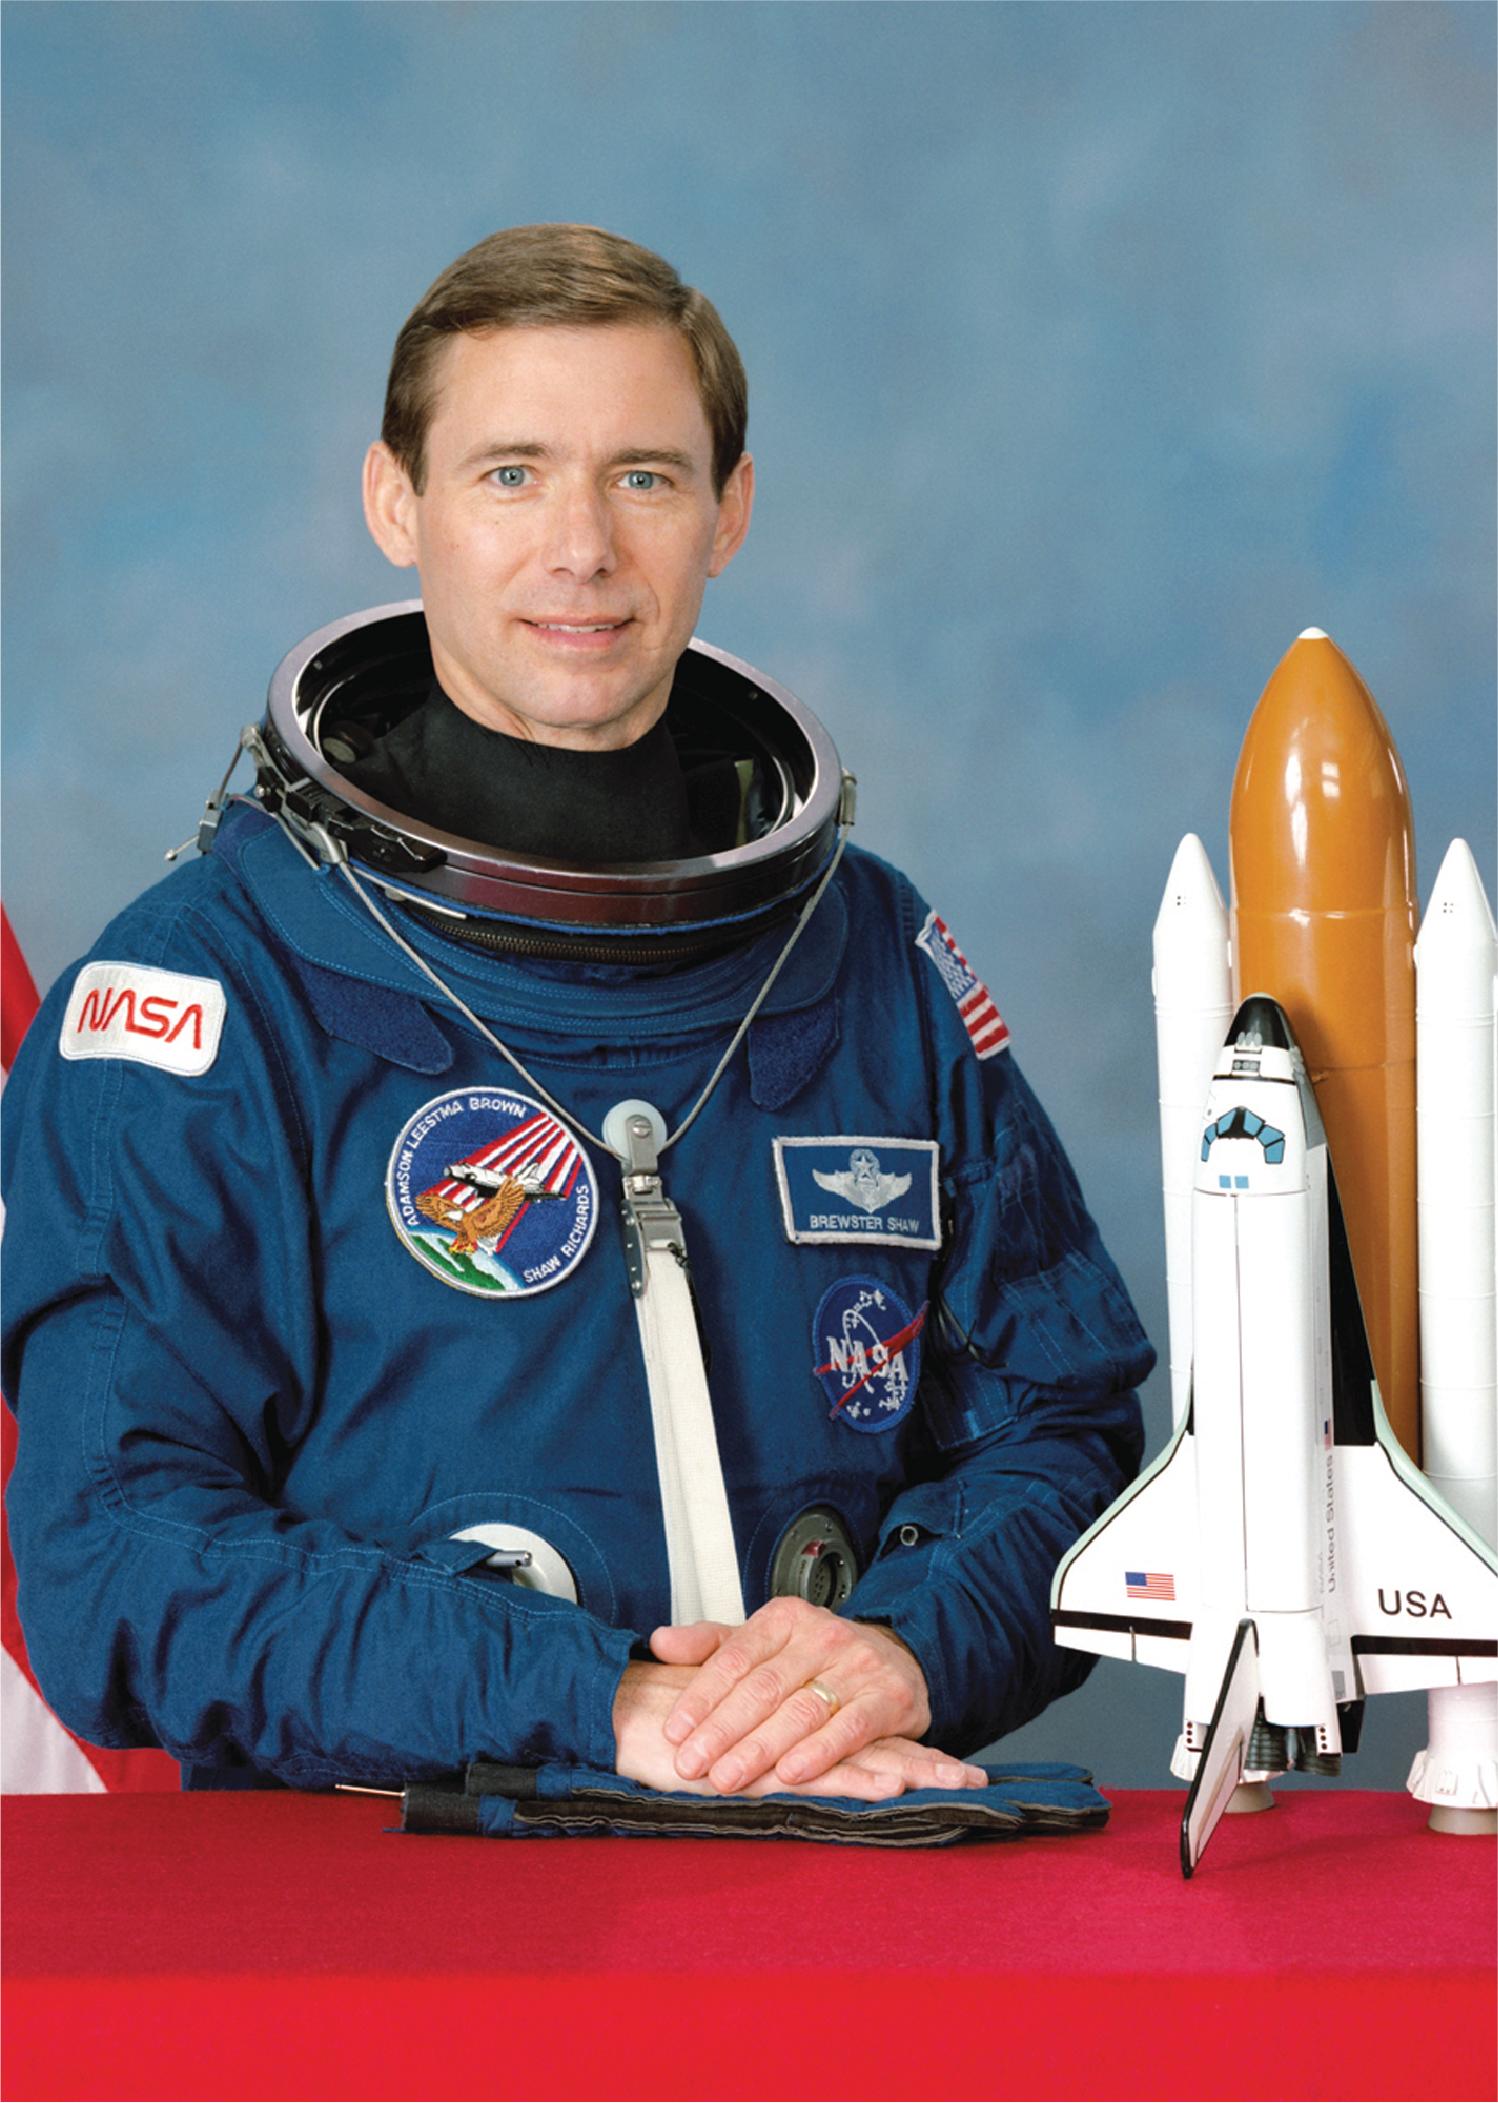 Astronaut Brewster H. Shaw